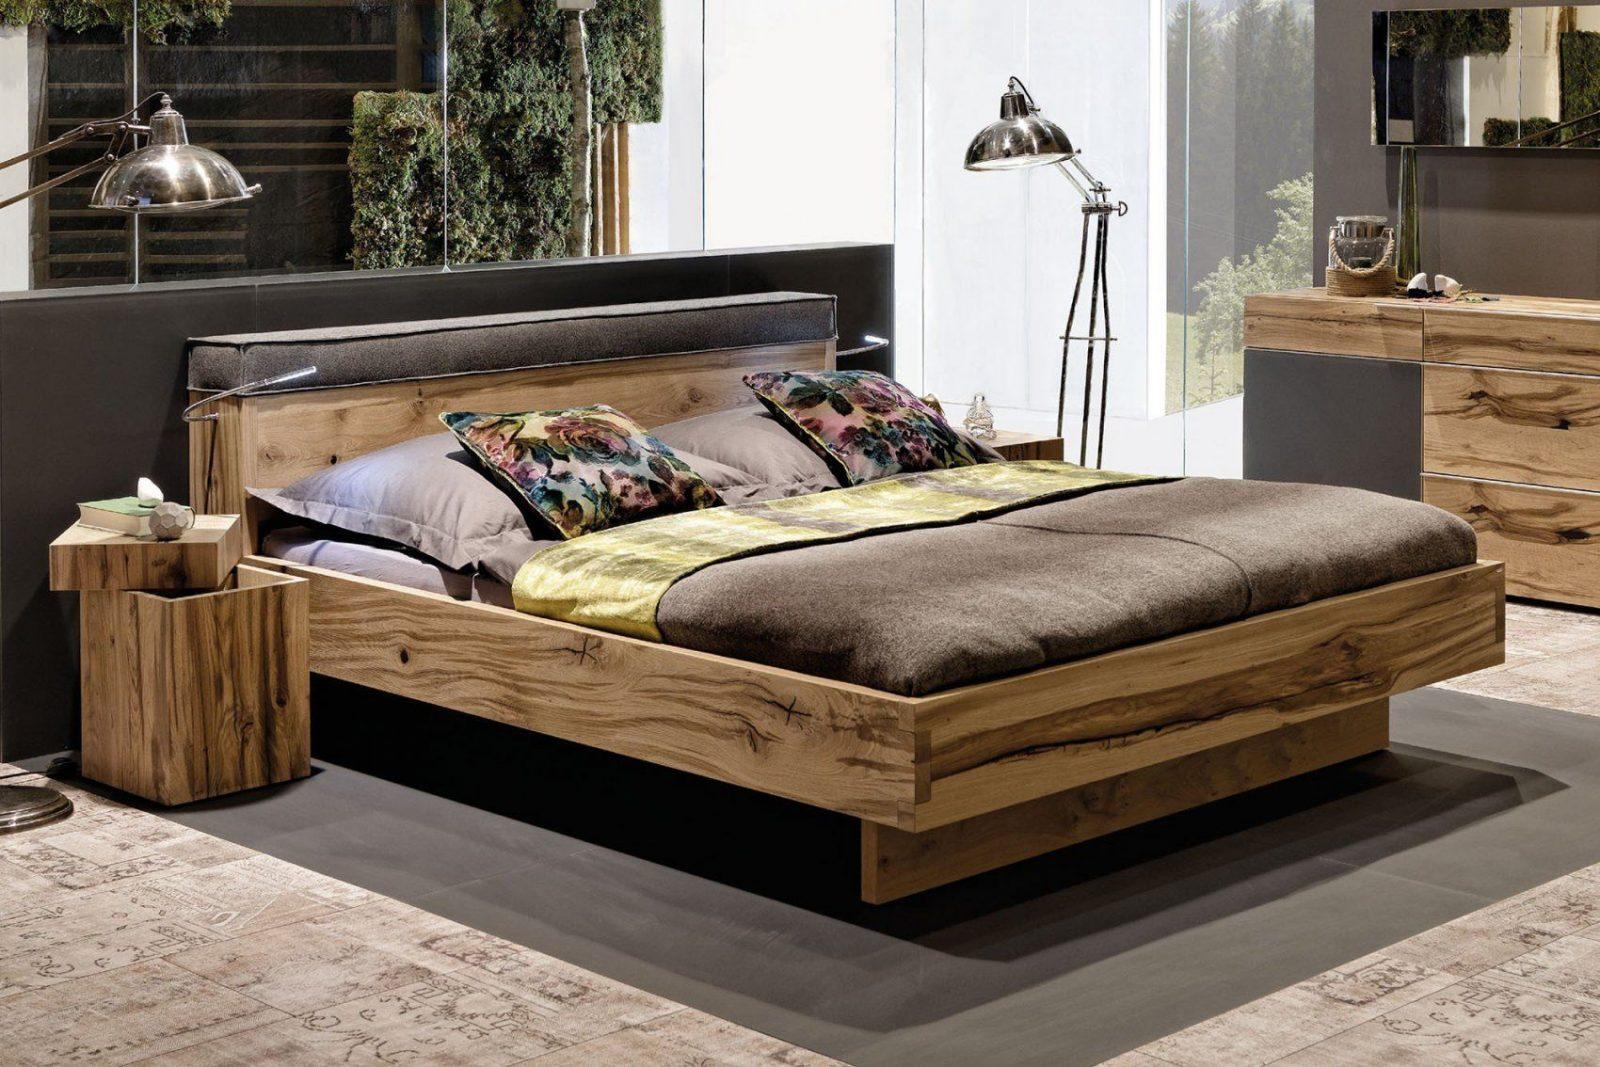 Voglauer Vpur Holzbett Furnier Eiche Altholz  Möbel Letz  Ihr von Voglauer V Pur Bett Photo